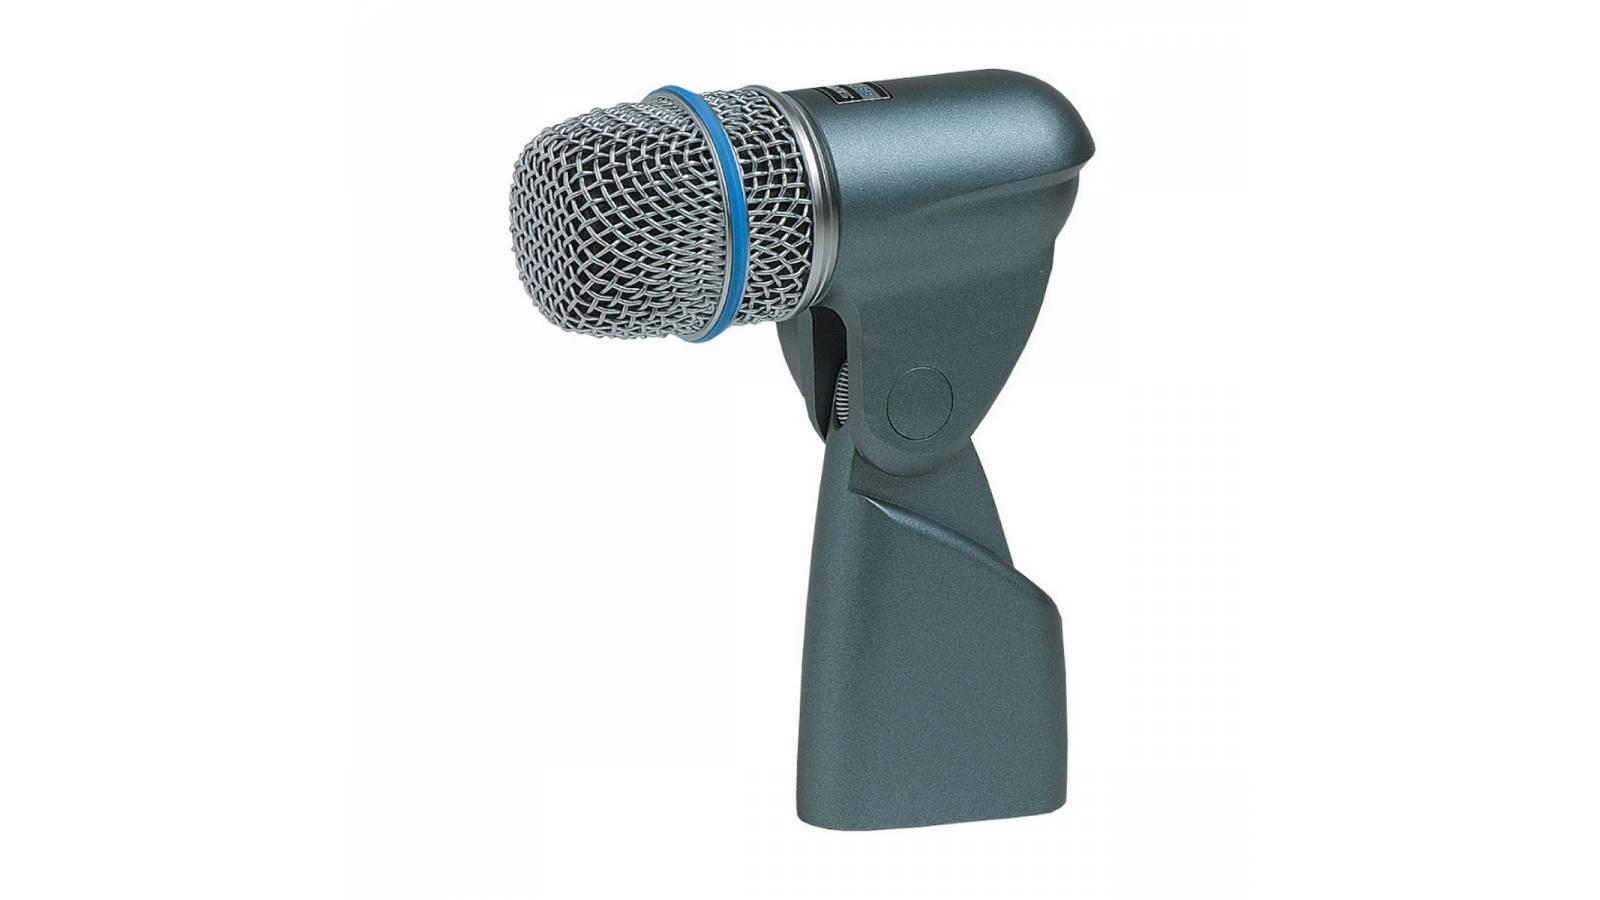 Micrófono Shure Compacto BETA56A Dinámico Supercardioide de Estudio